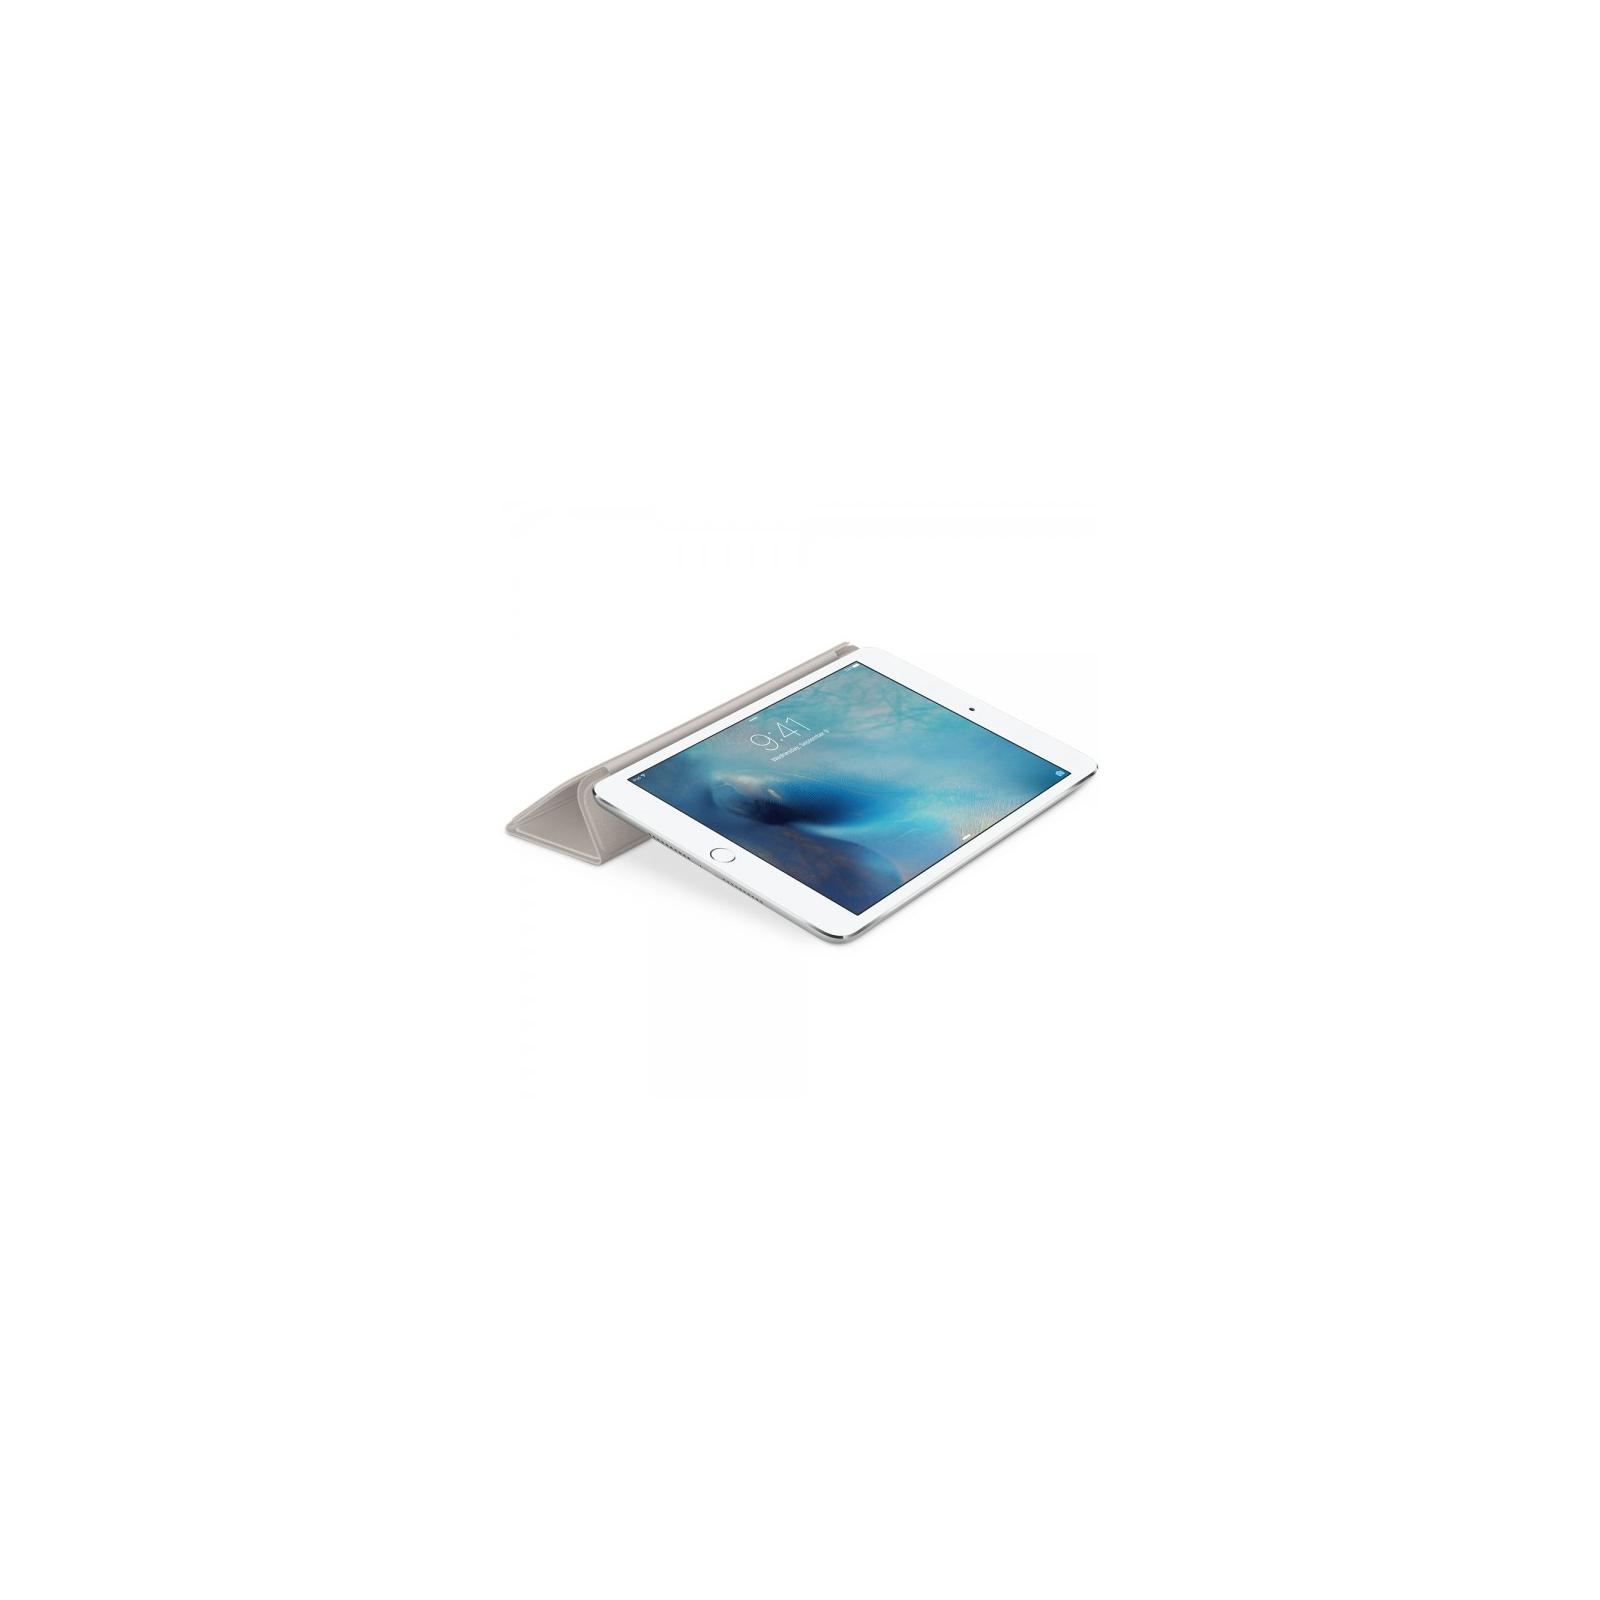 Чехол для планшета Apple Smart Cover для iPad mini 4 Stone (MKM02ZM/A) изображение 4